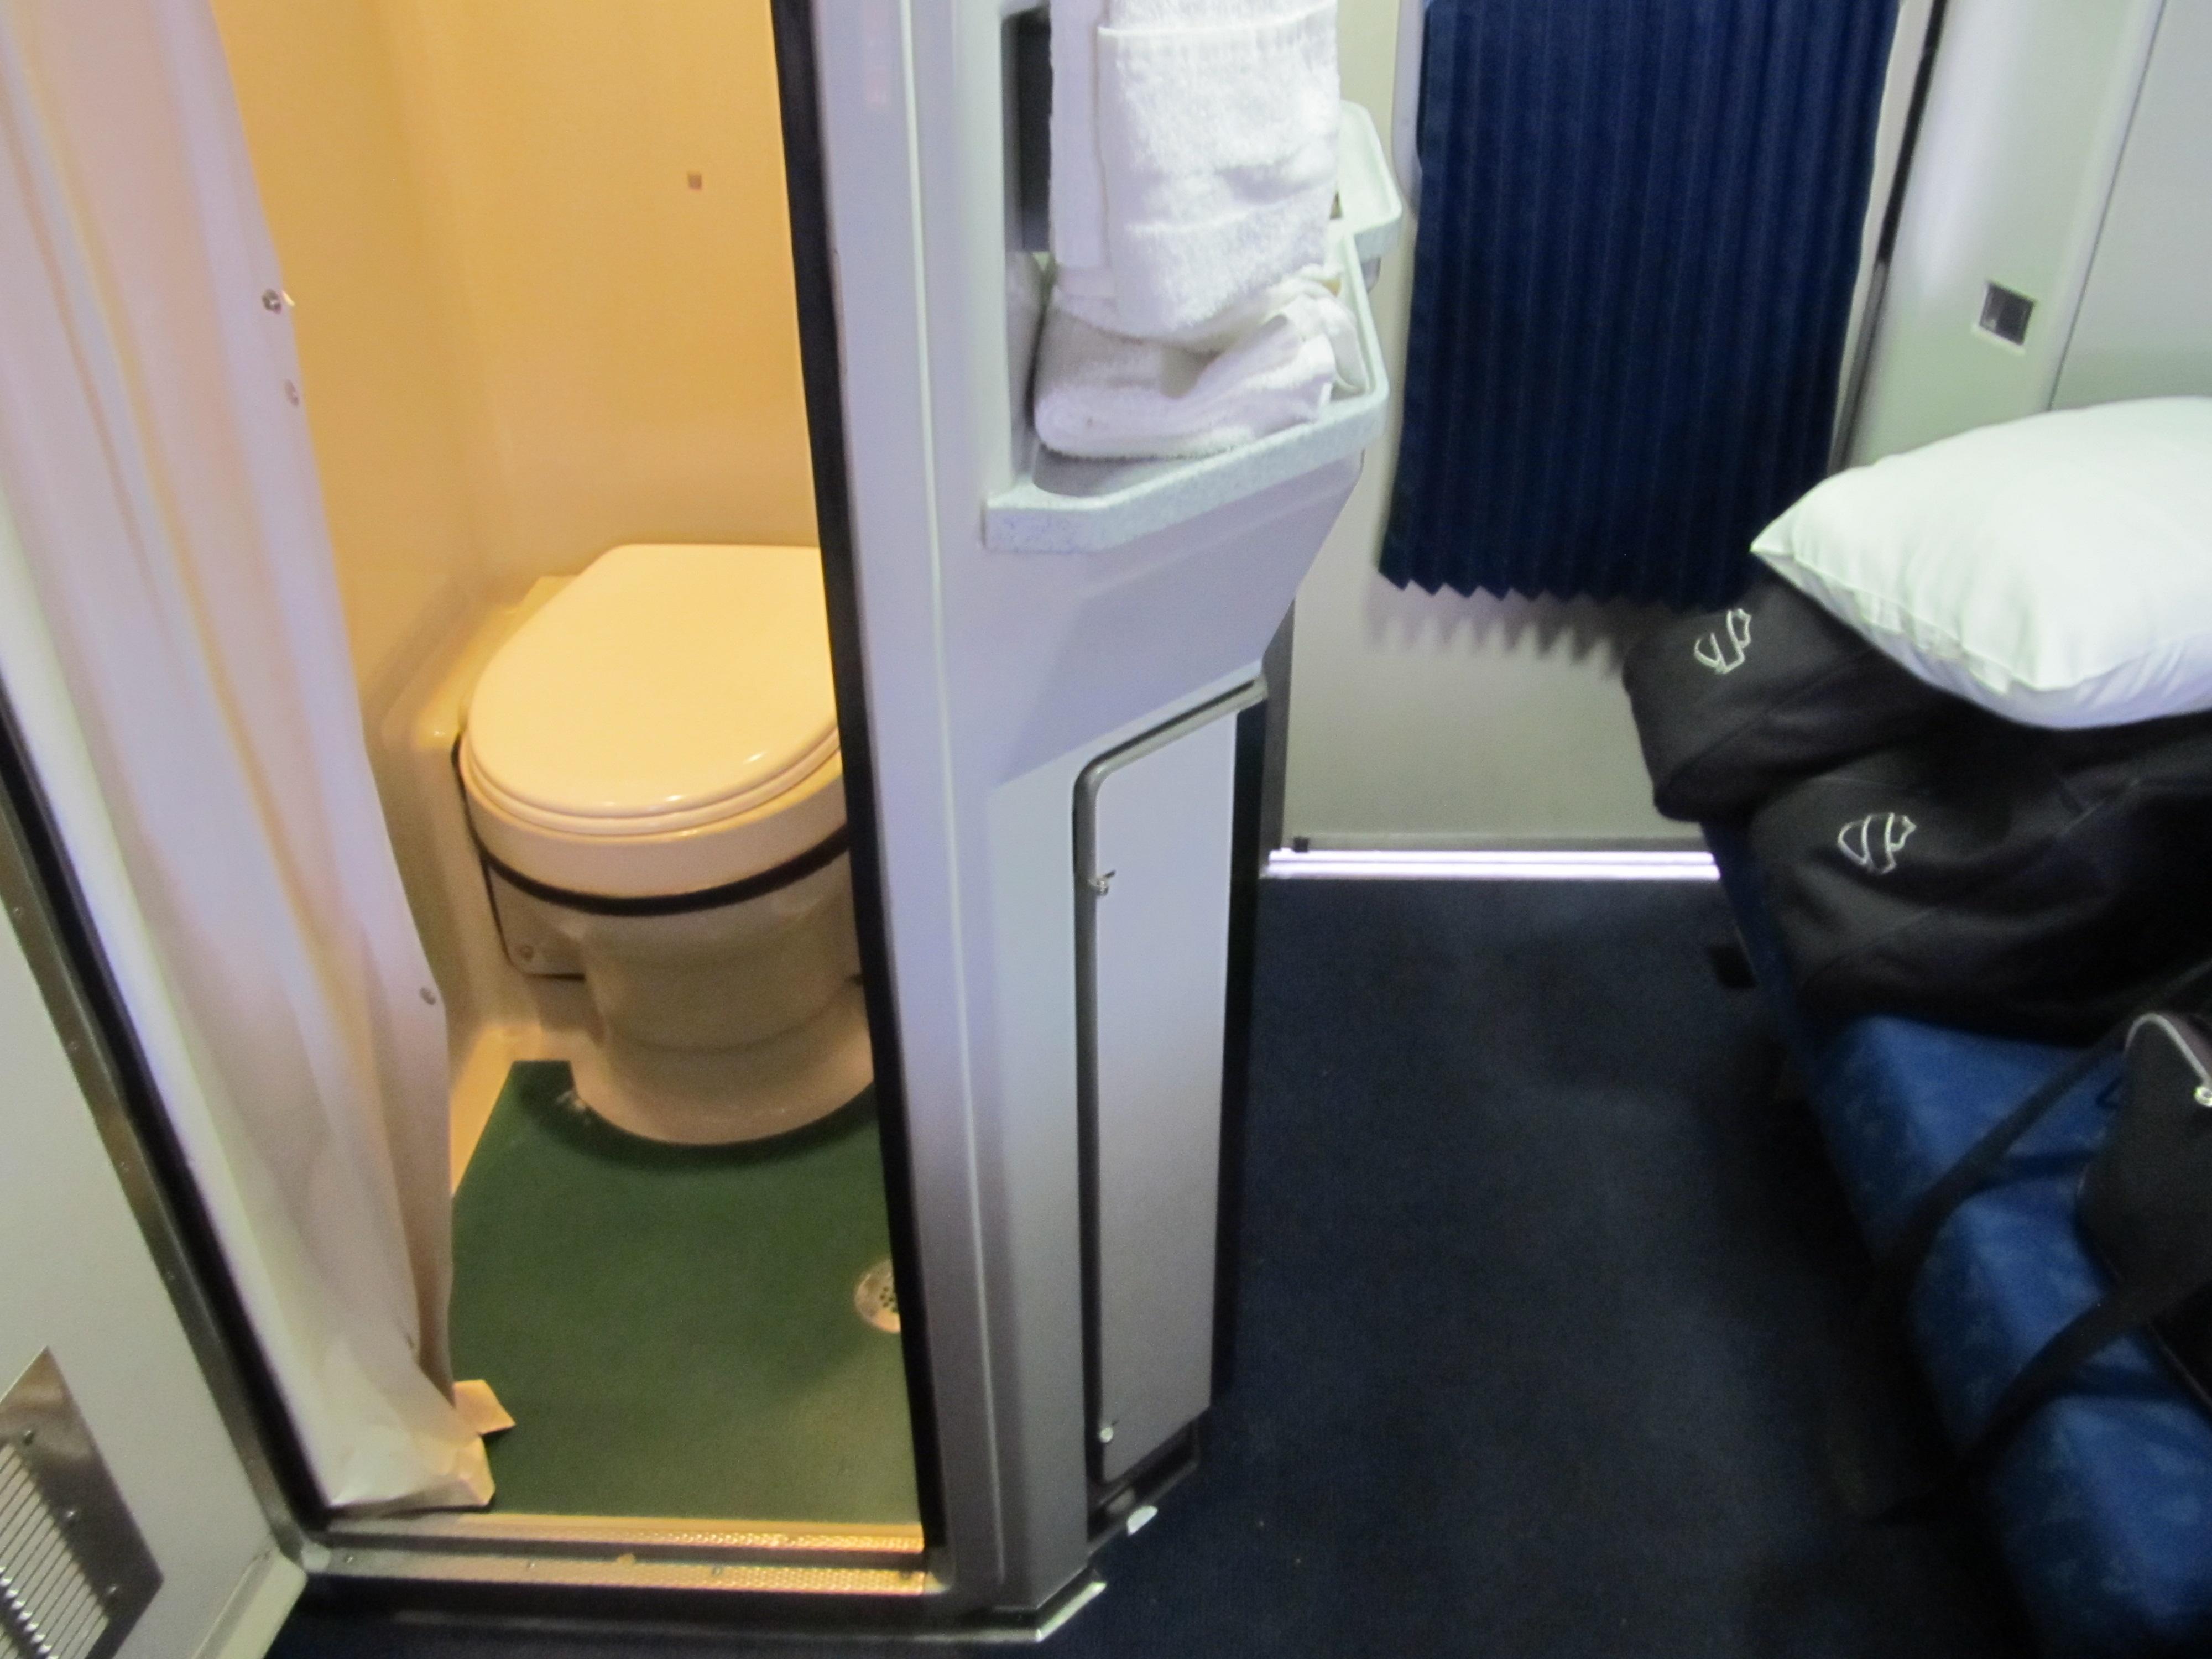 Amtrak Passenger Train Travel Denise Ditto Satterfield